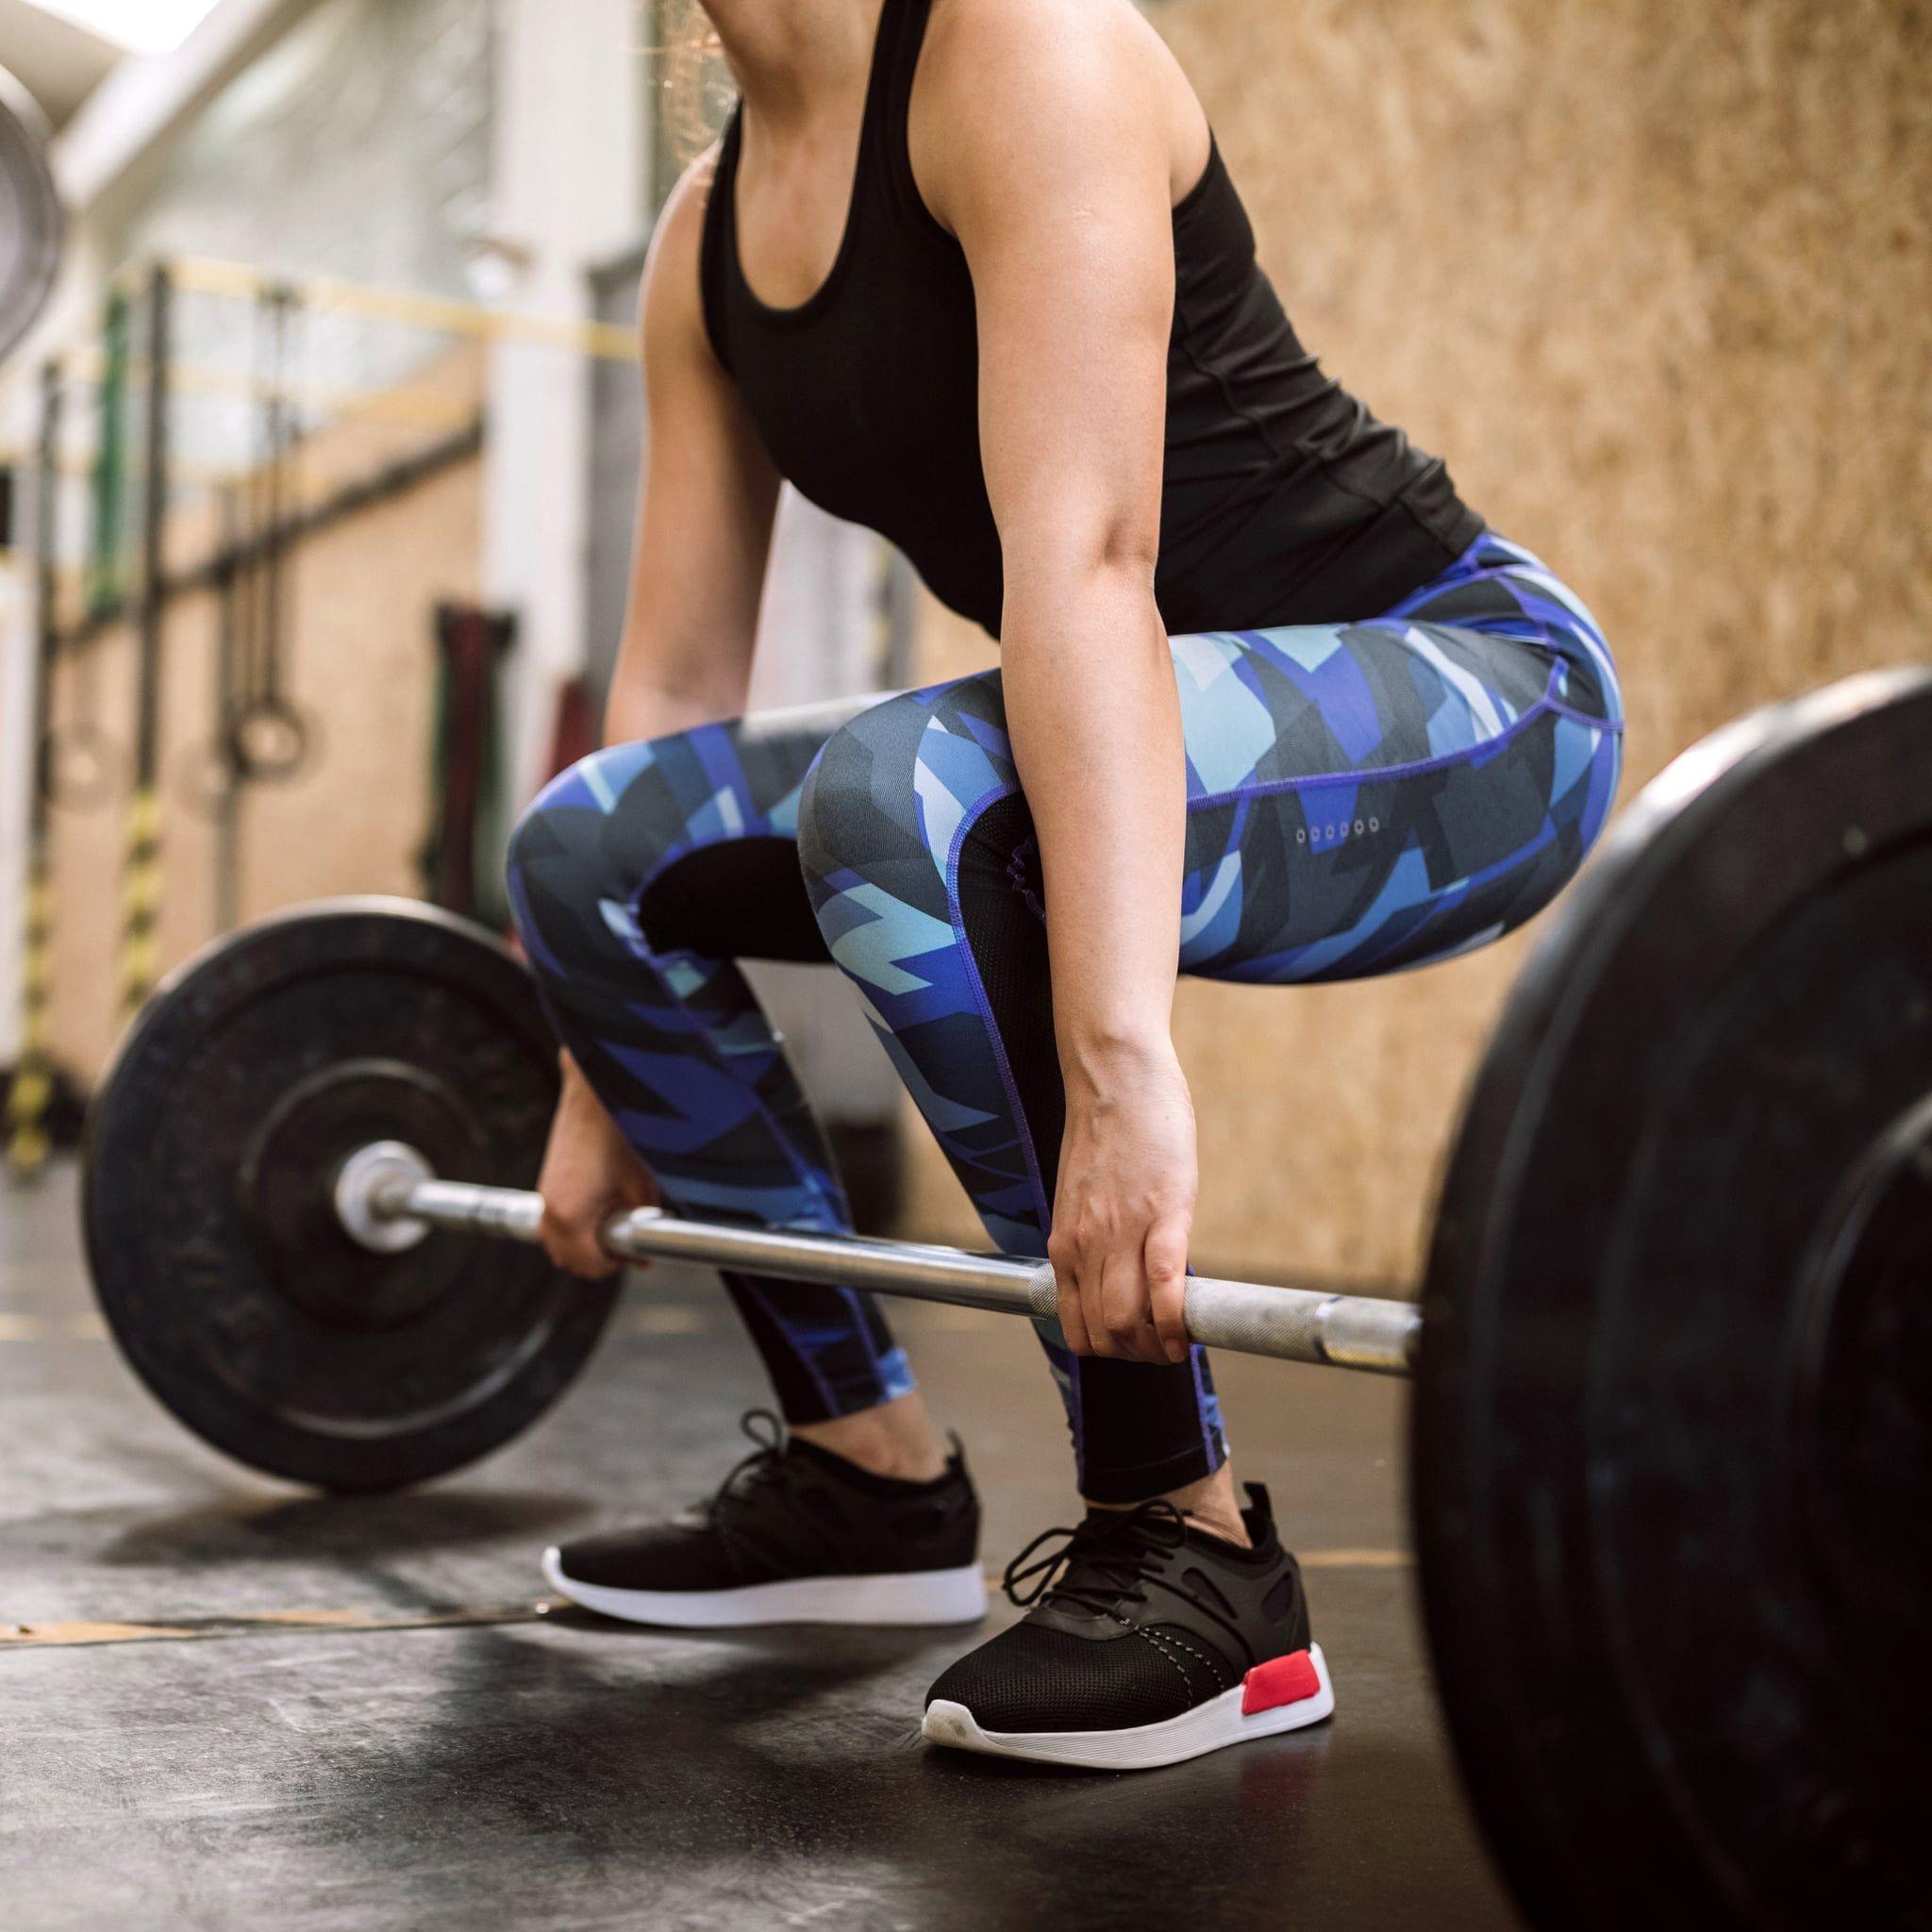 Приседания со штангой над головой задействуют огромный массив мышц и требуют хорошей гибкости и координации Назначение упражнения и правильная техника